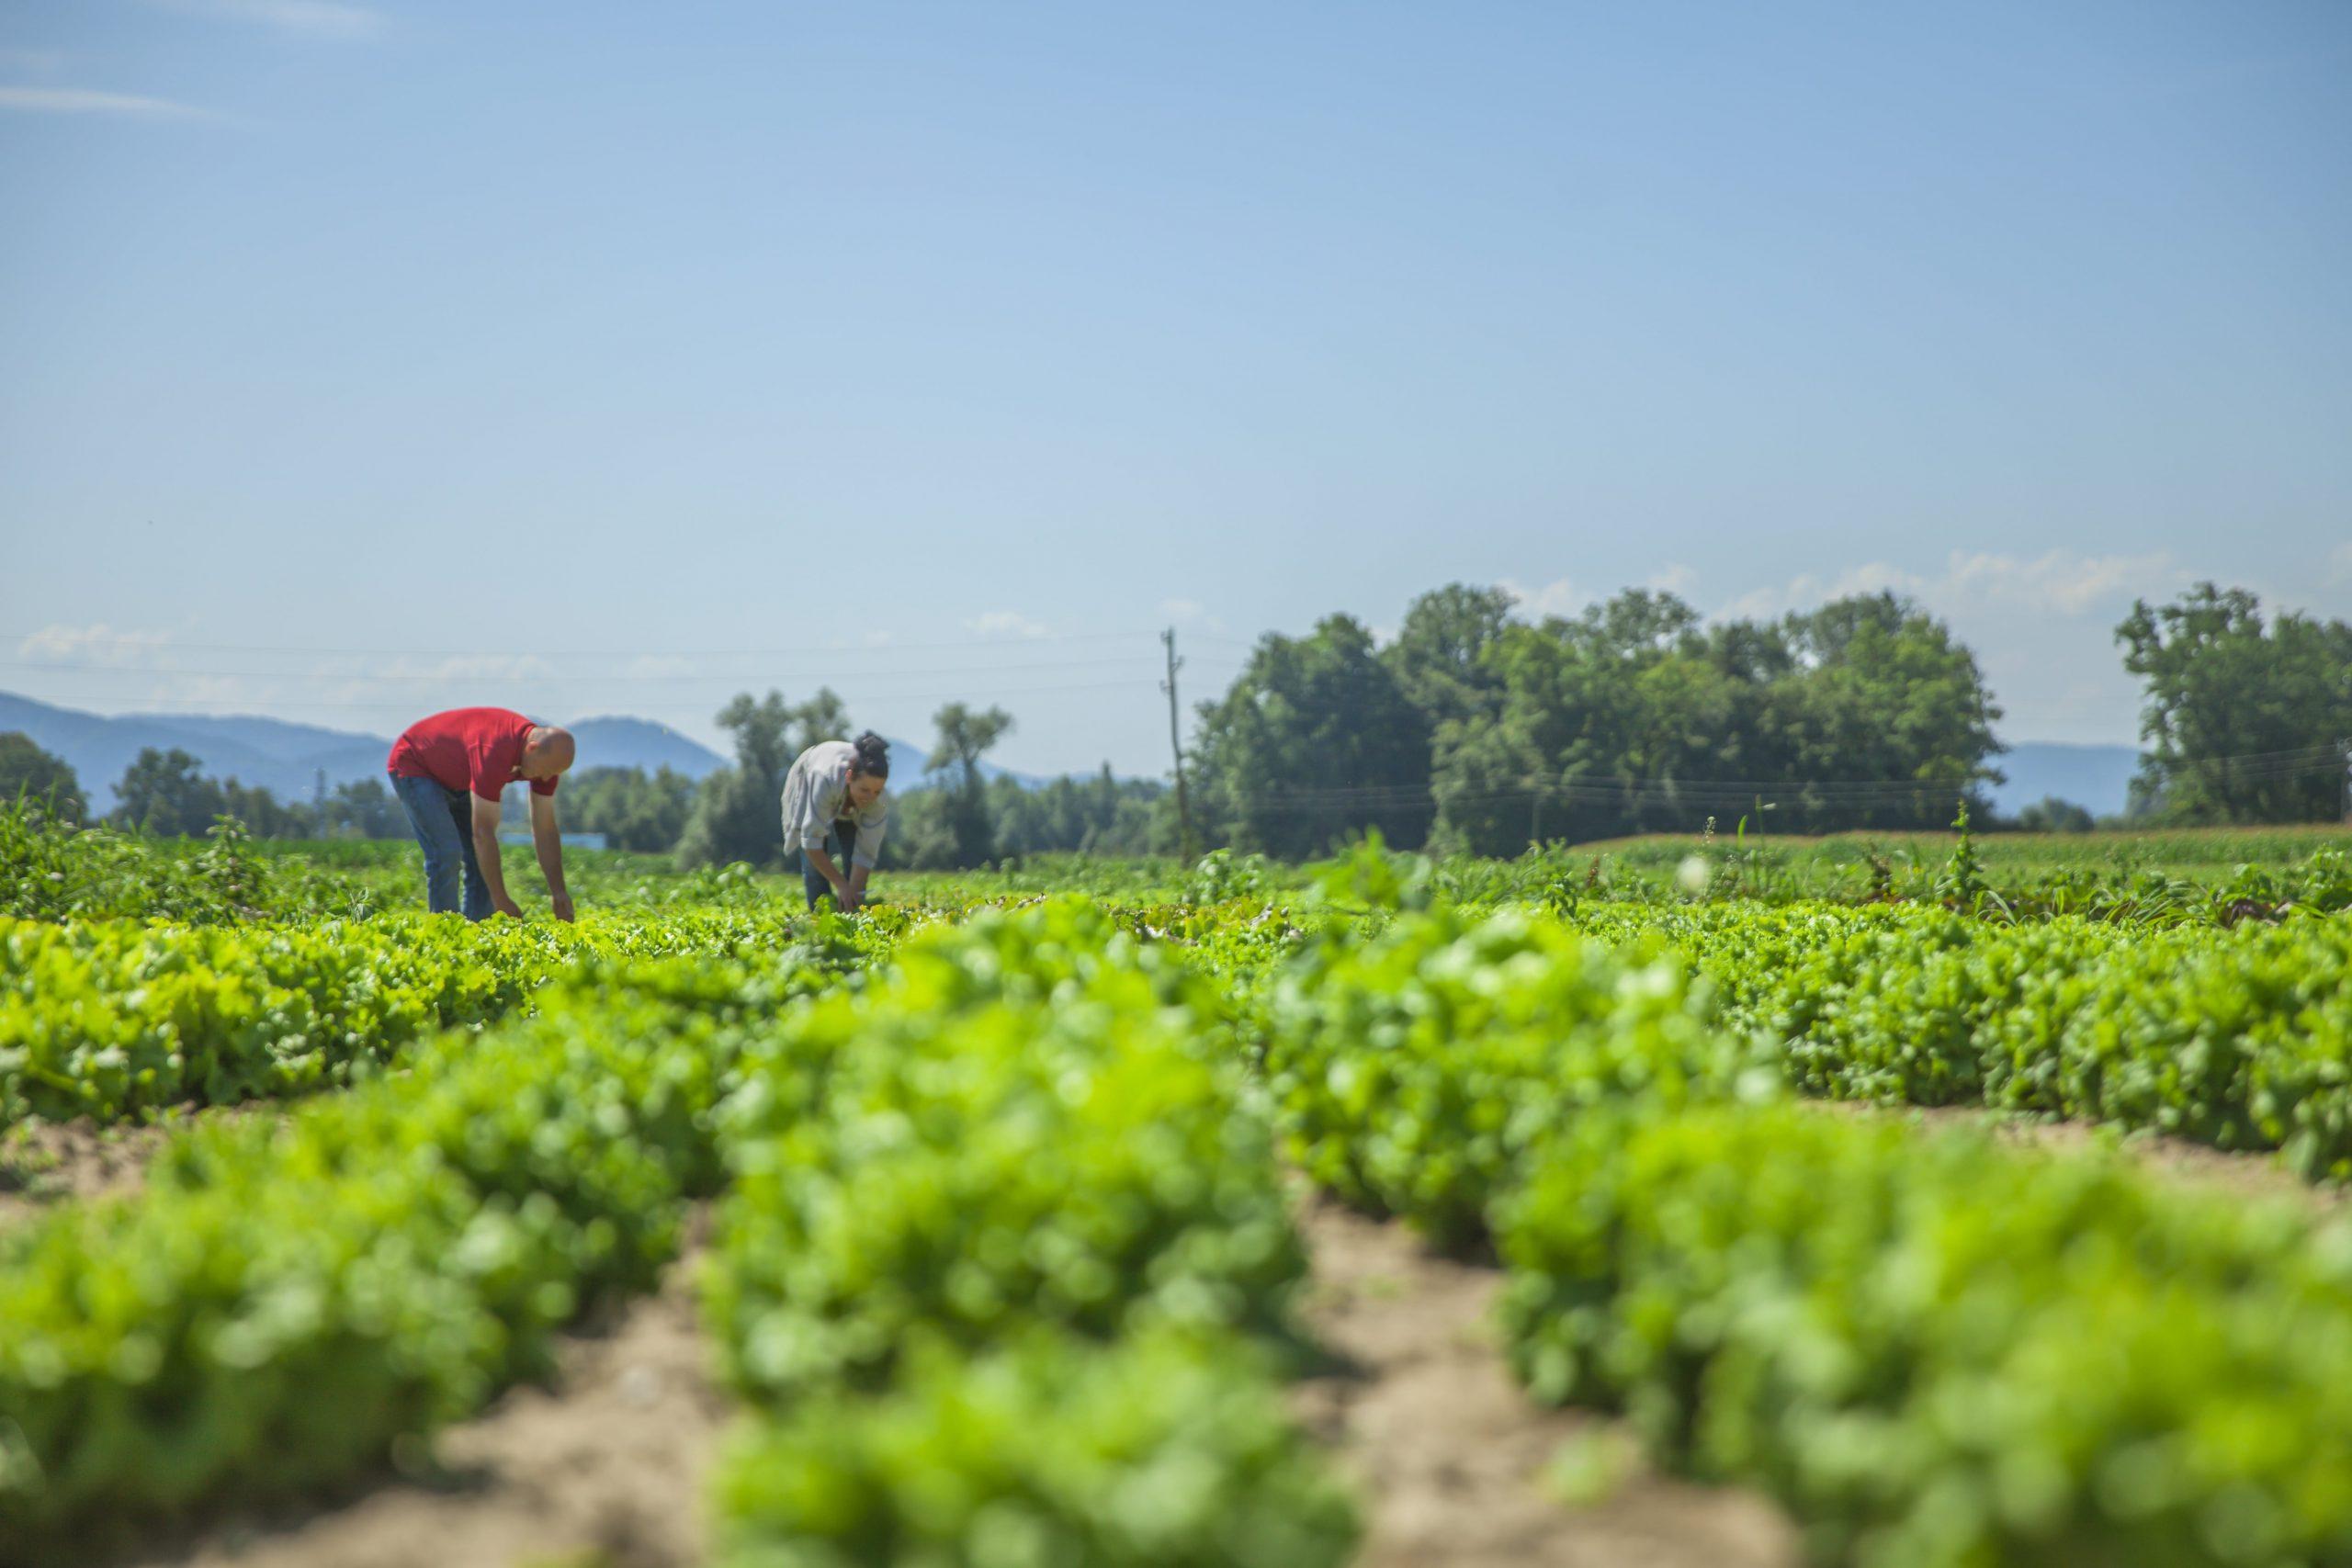 UPA Granada critica que el registro salarial por sexos sea válido para el sector agrario, donde los salarios van en función de la categoría profesional, no del género